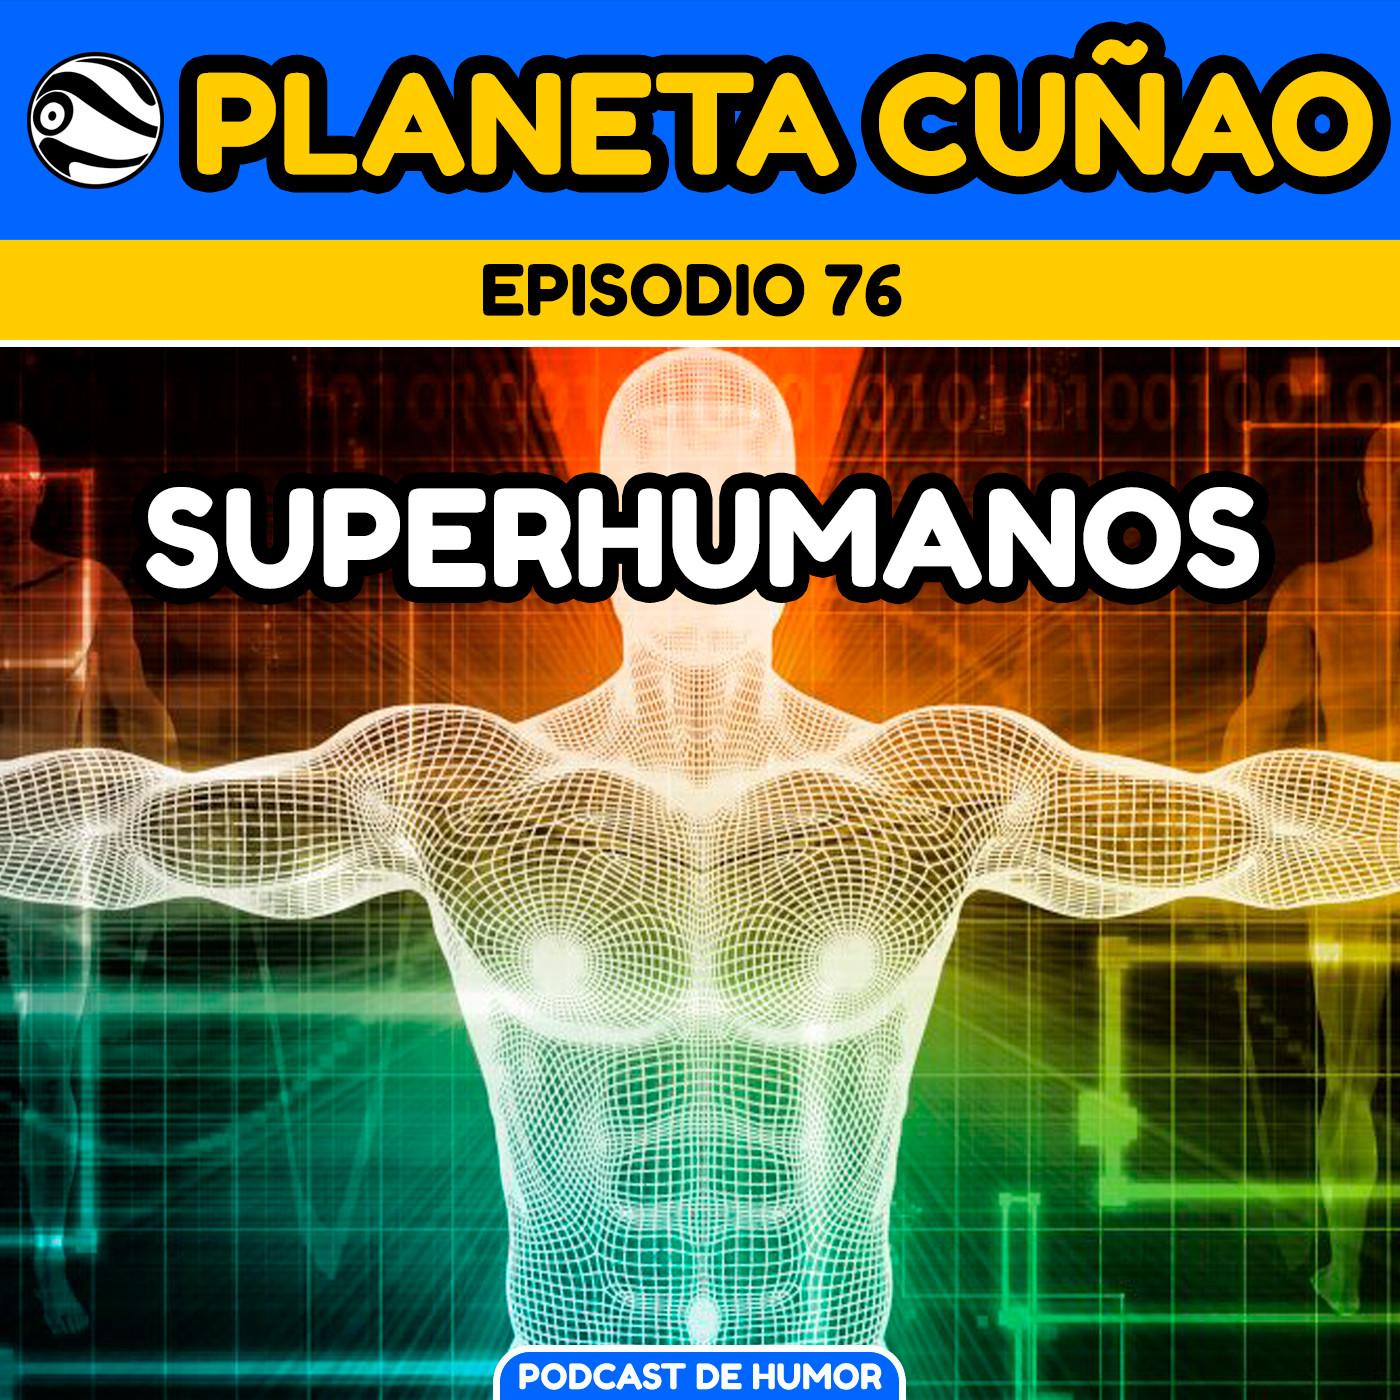 Superhumanos